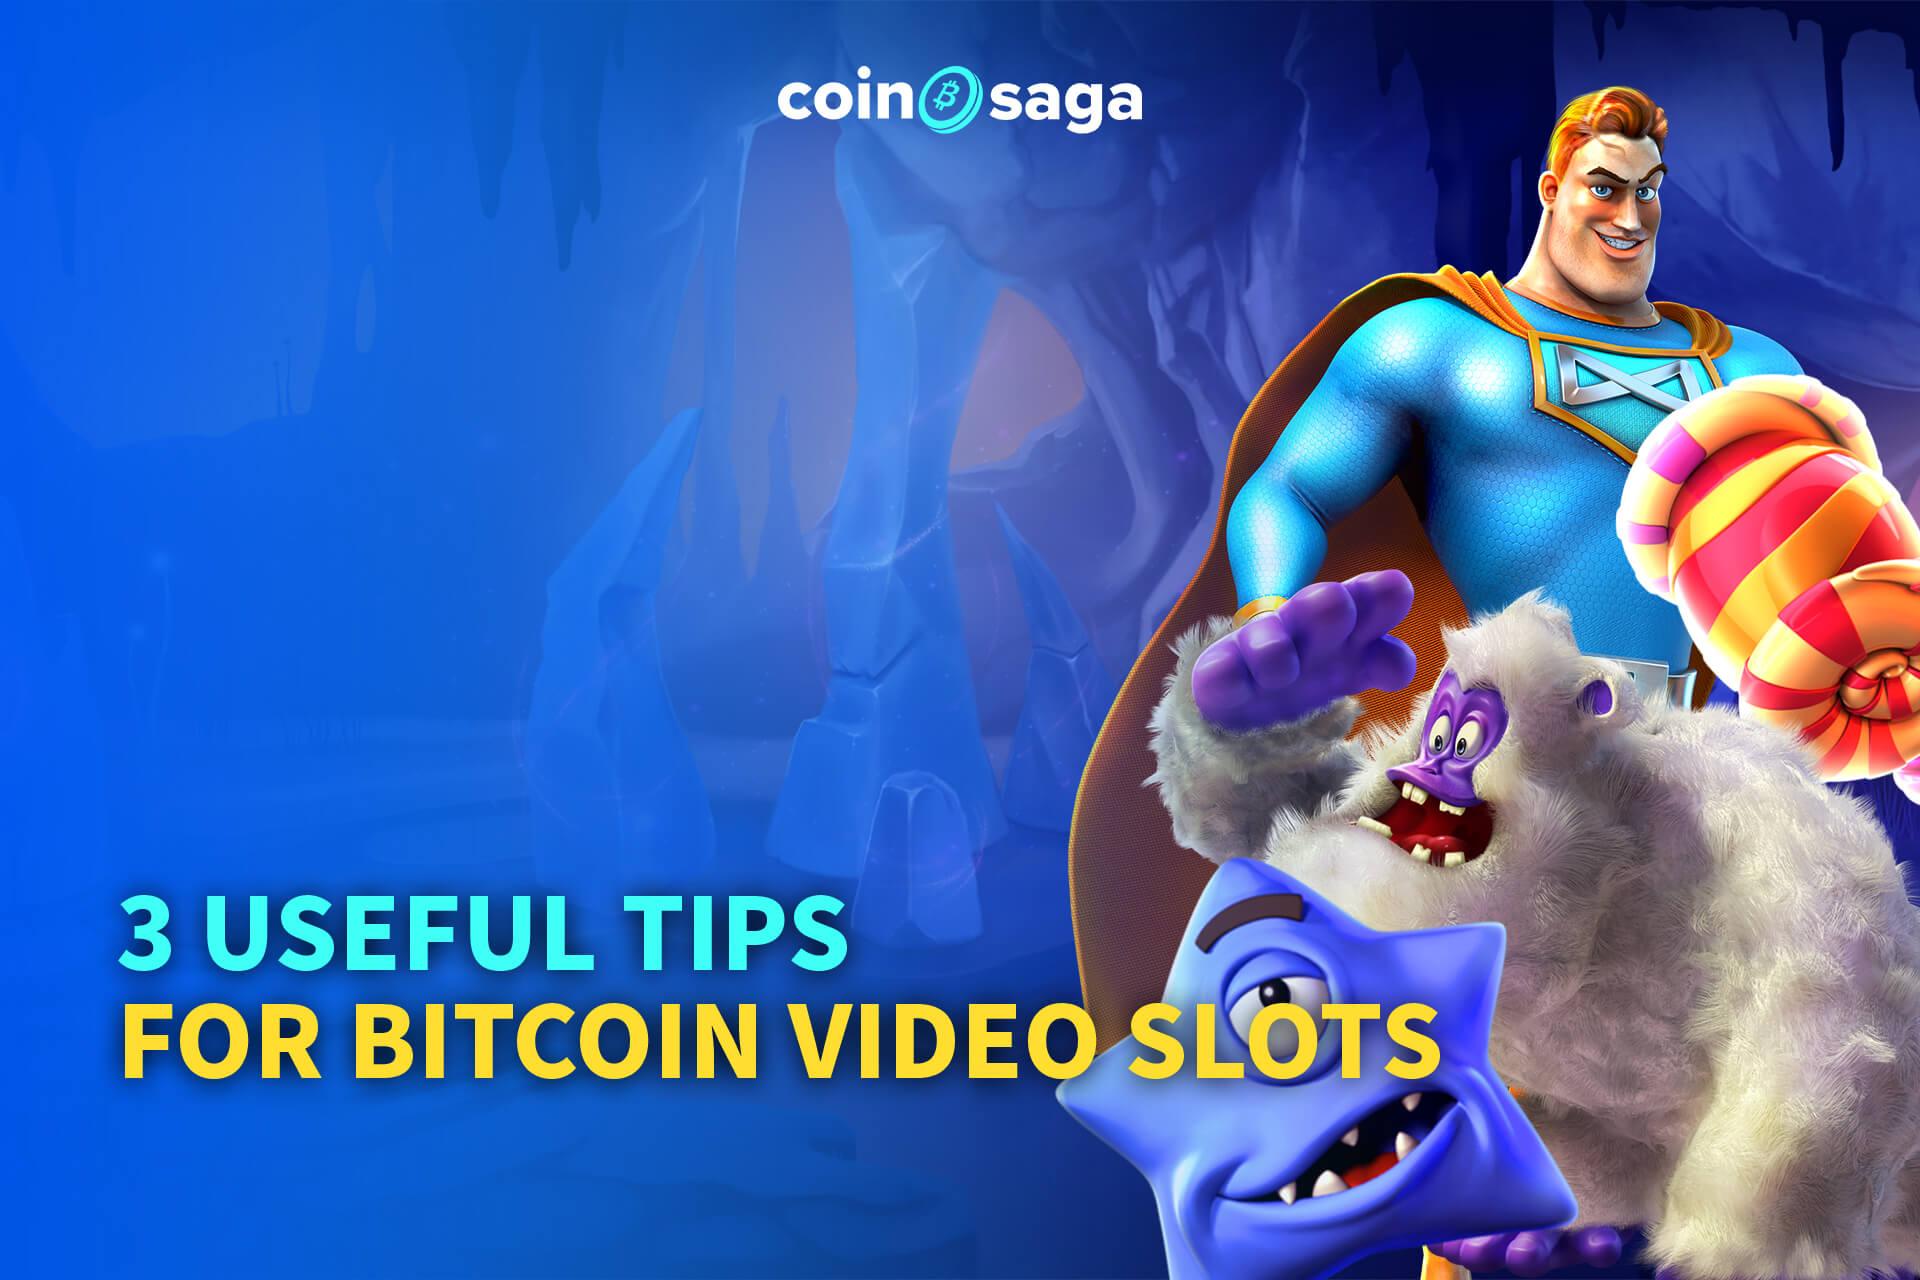 Bitcoin Video Slots